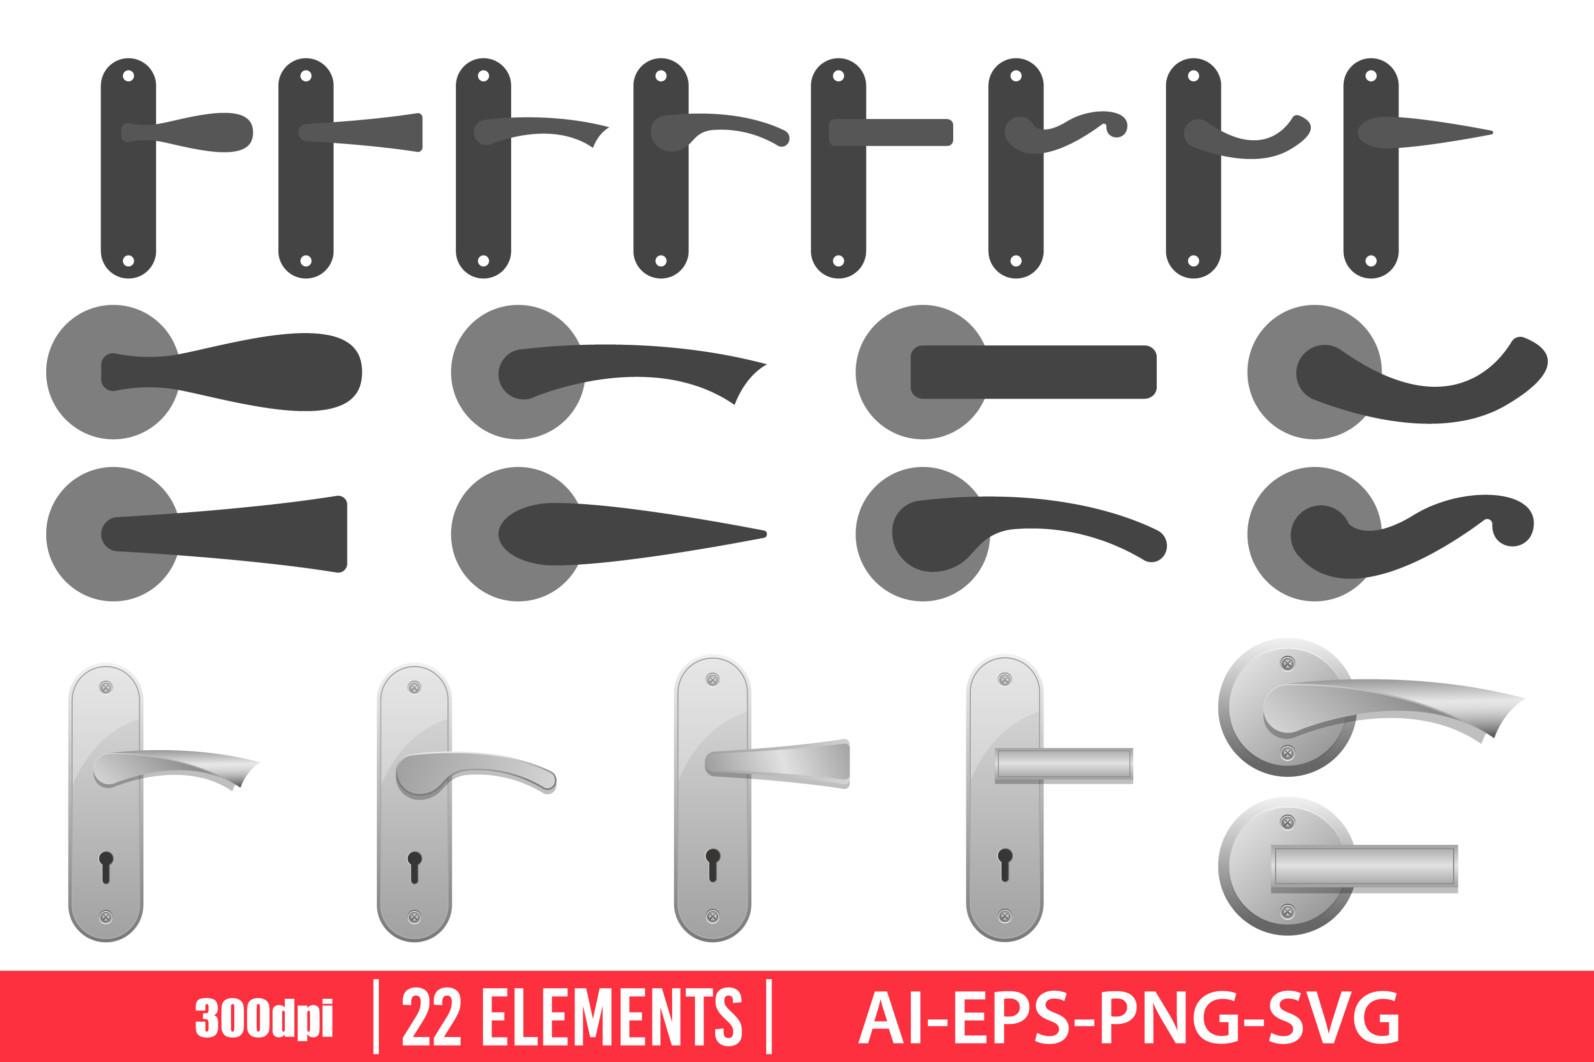 Door handles clipart vector design illustration. Door knob set. Vector Clipart Print - DOOR KNOB scaled -